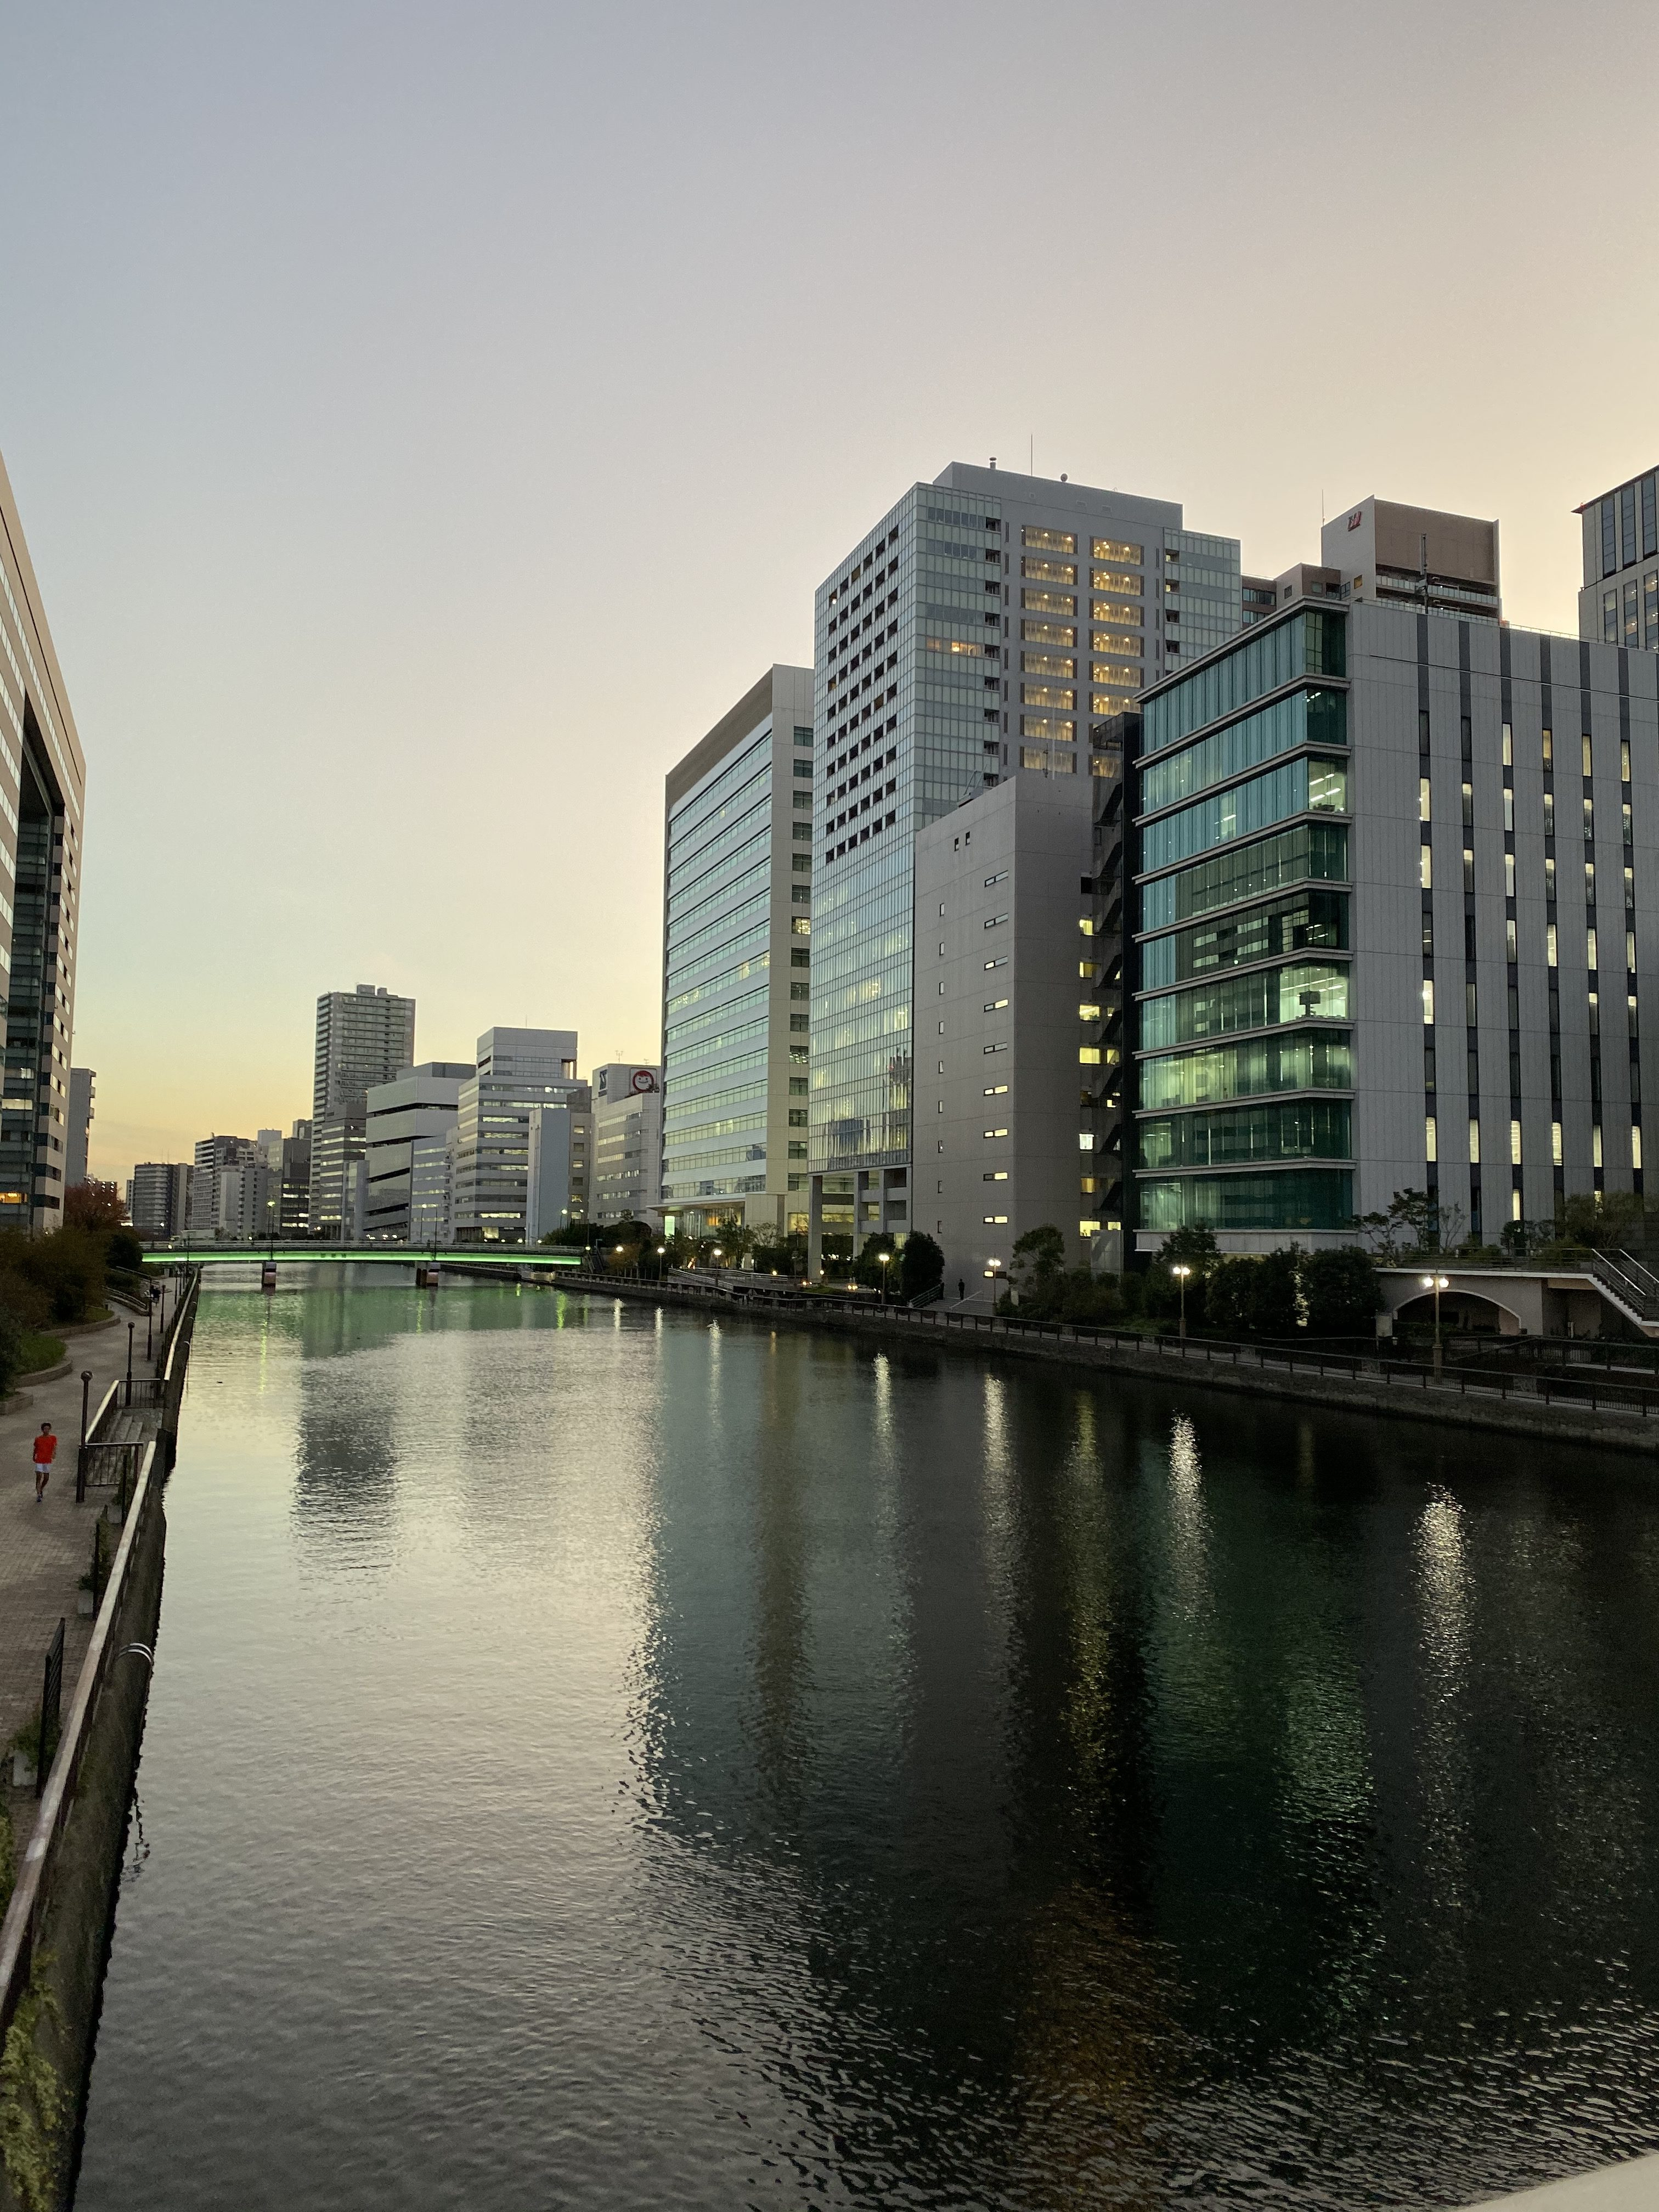 Shinagawa, Tokyo area